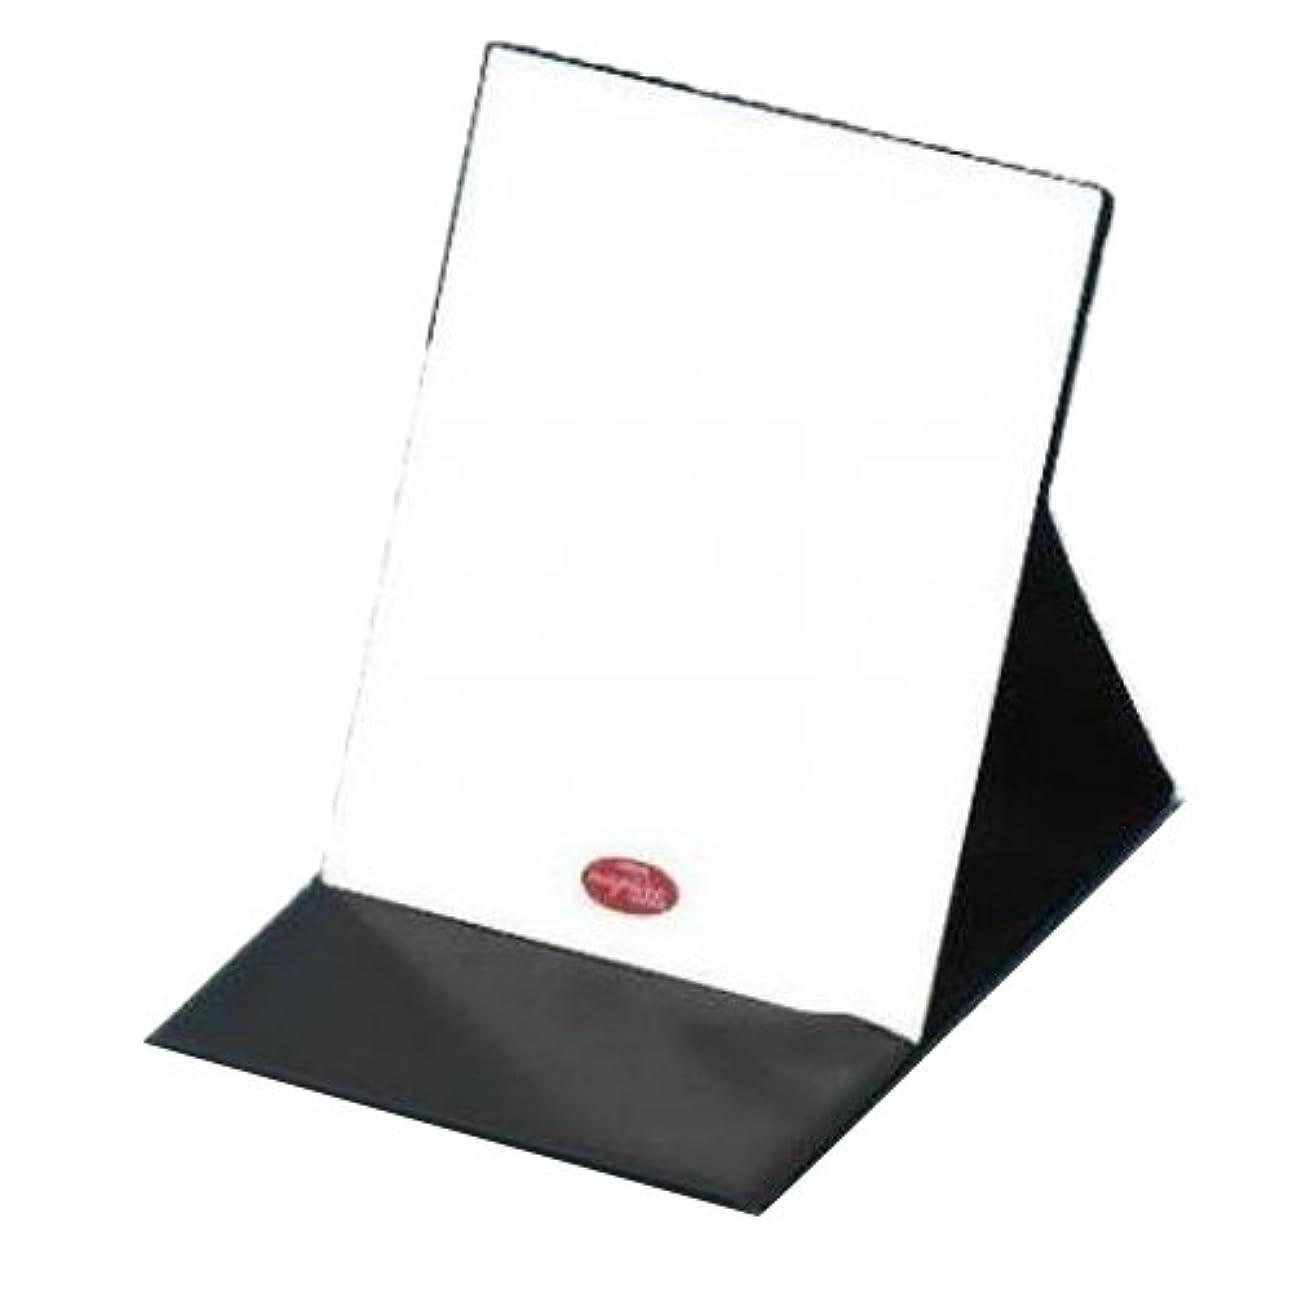 不器用支店祝福するHP-43 ナピュア プロモデル拡大鏡付き折立ミラー(L)